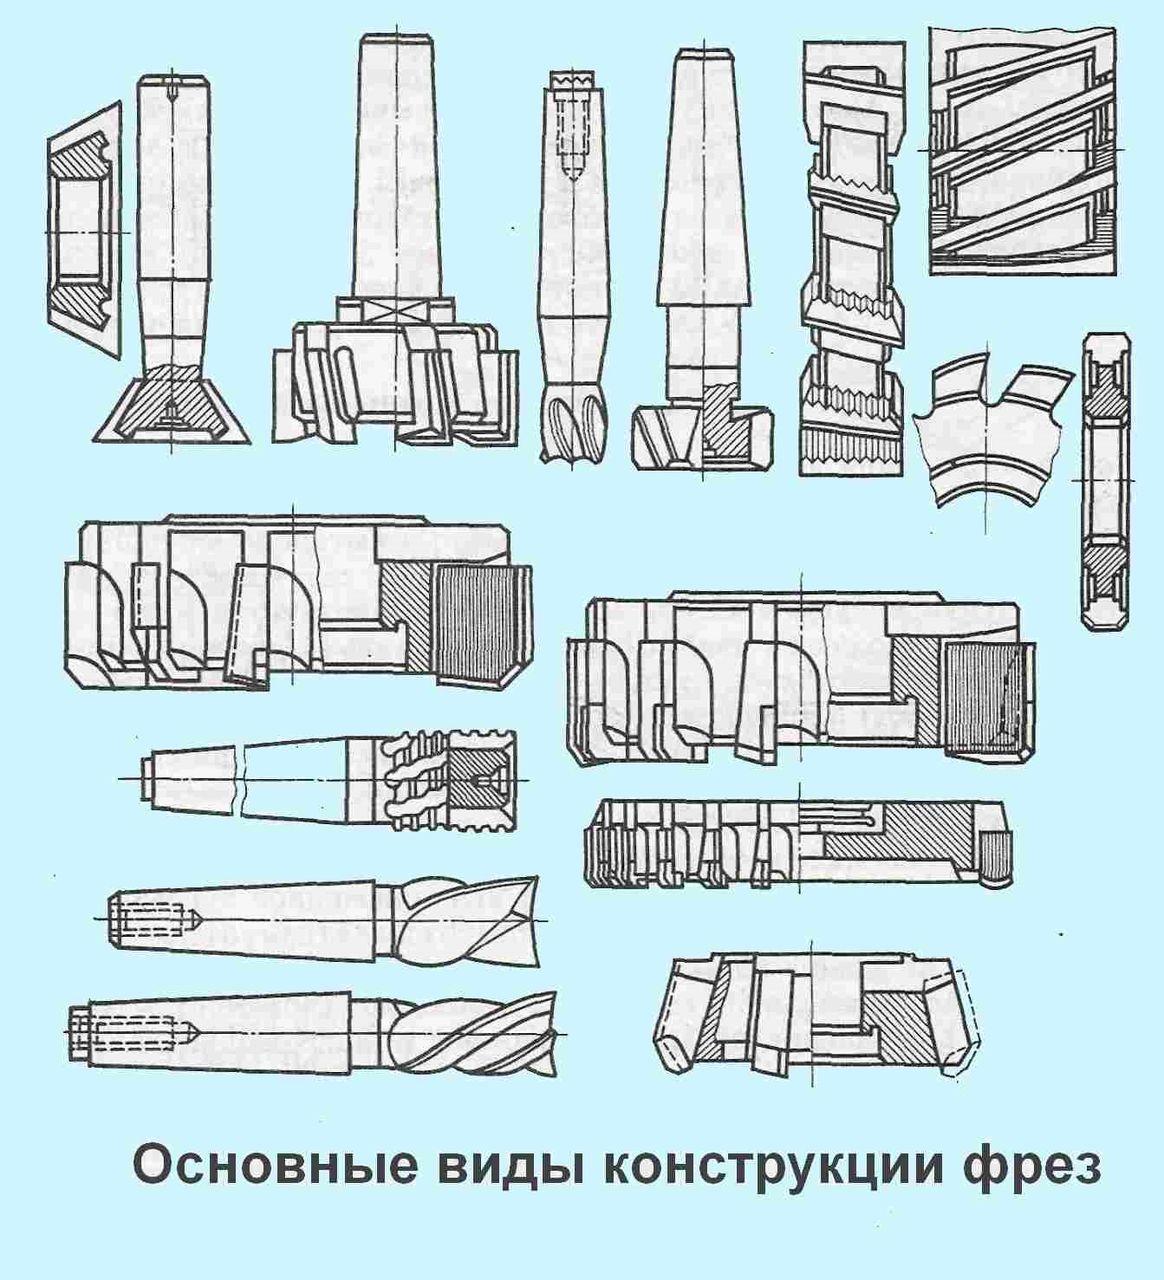 Фрезы по металлу: основные виды и их предназначение